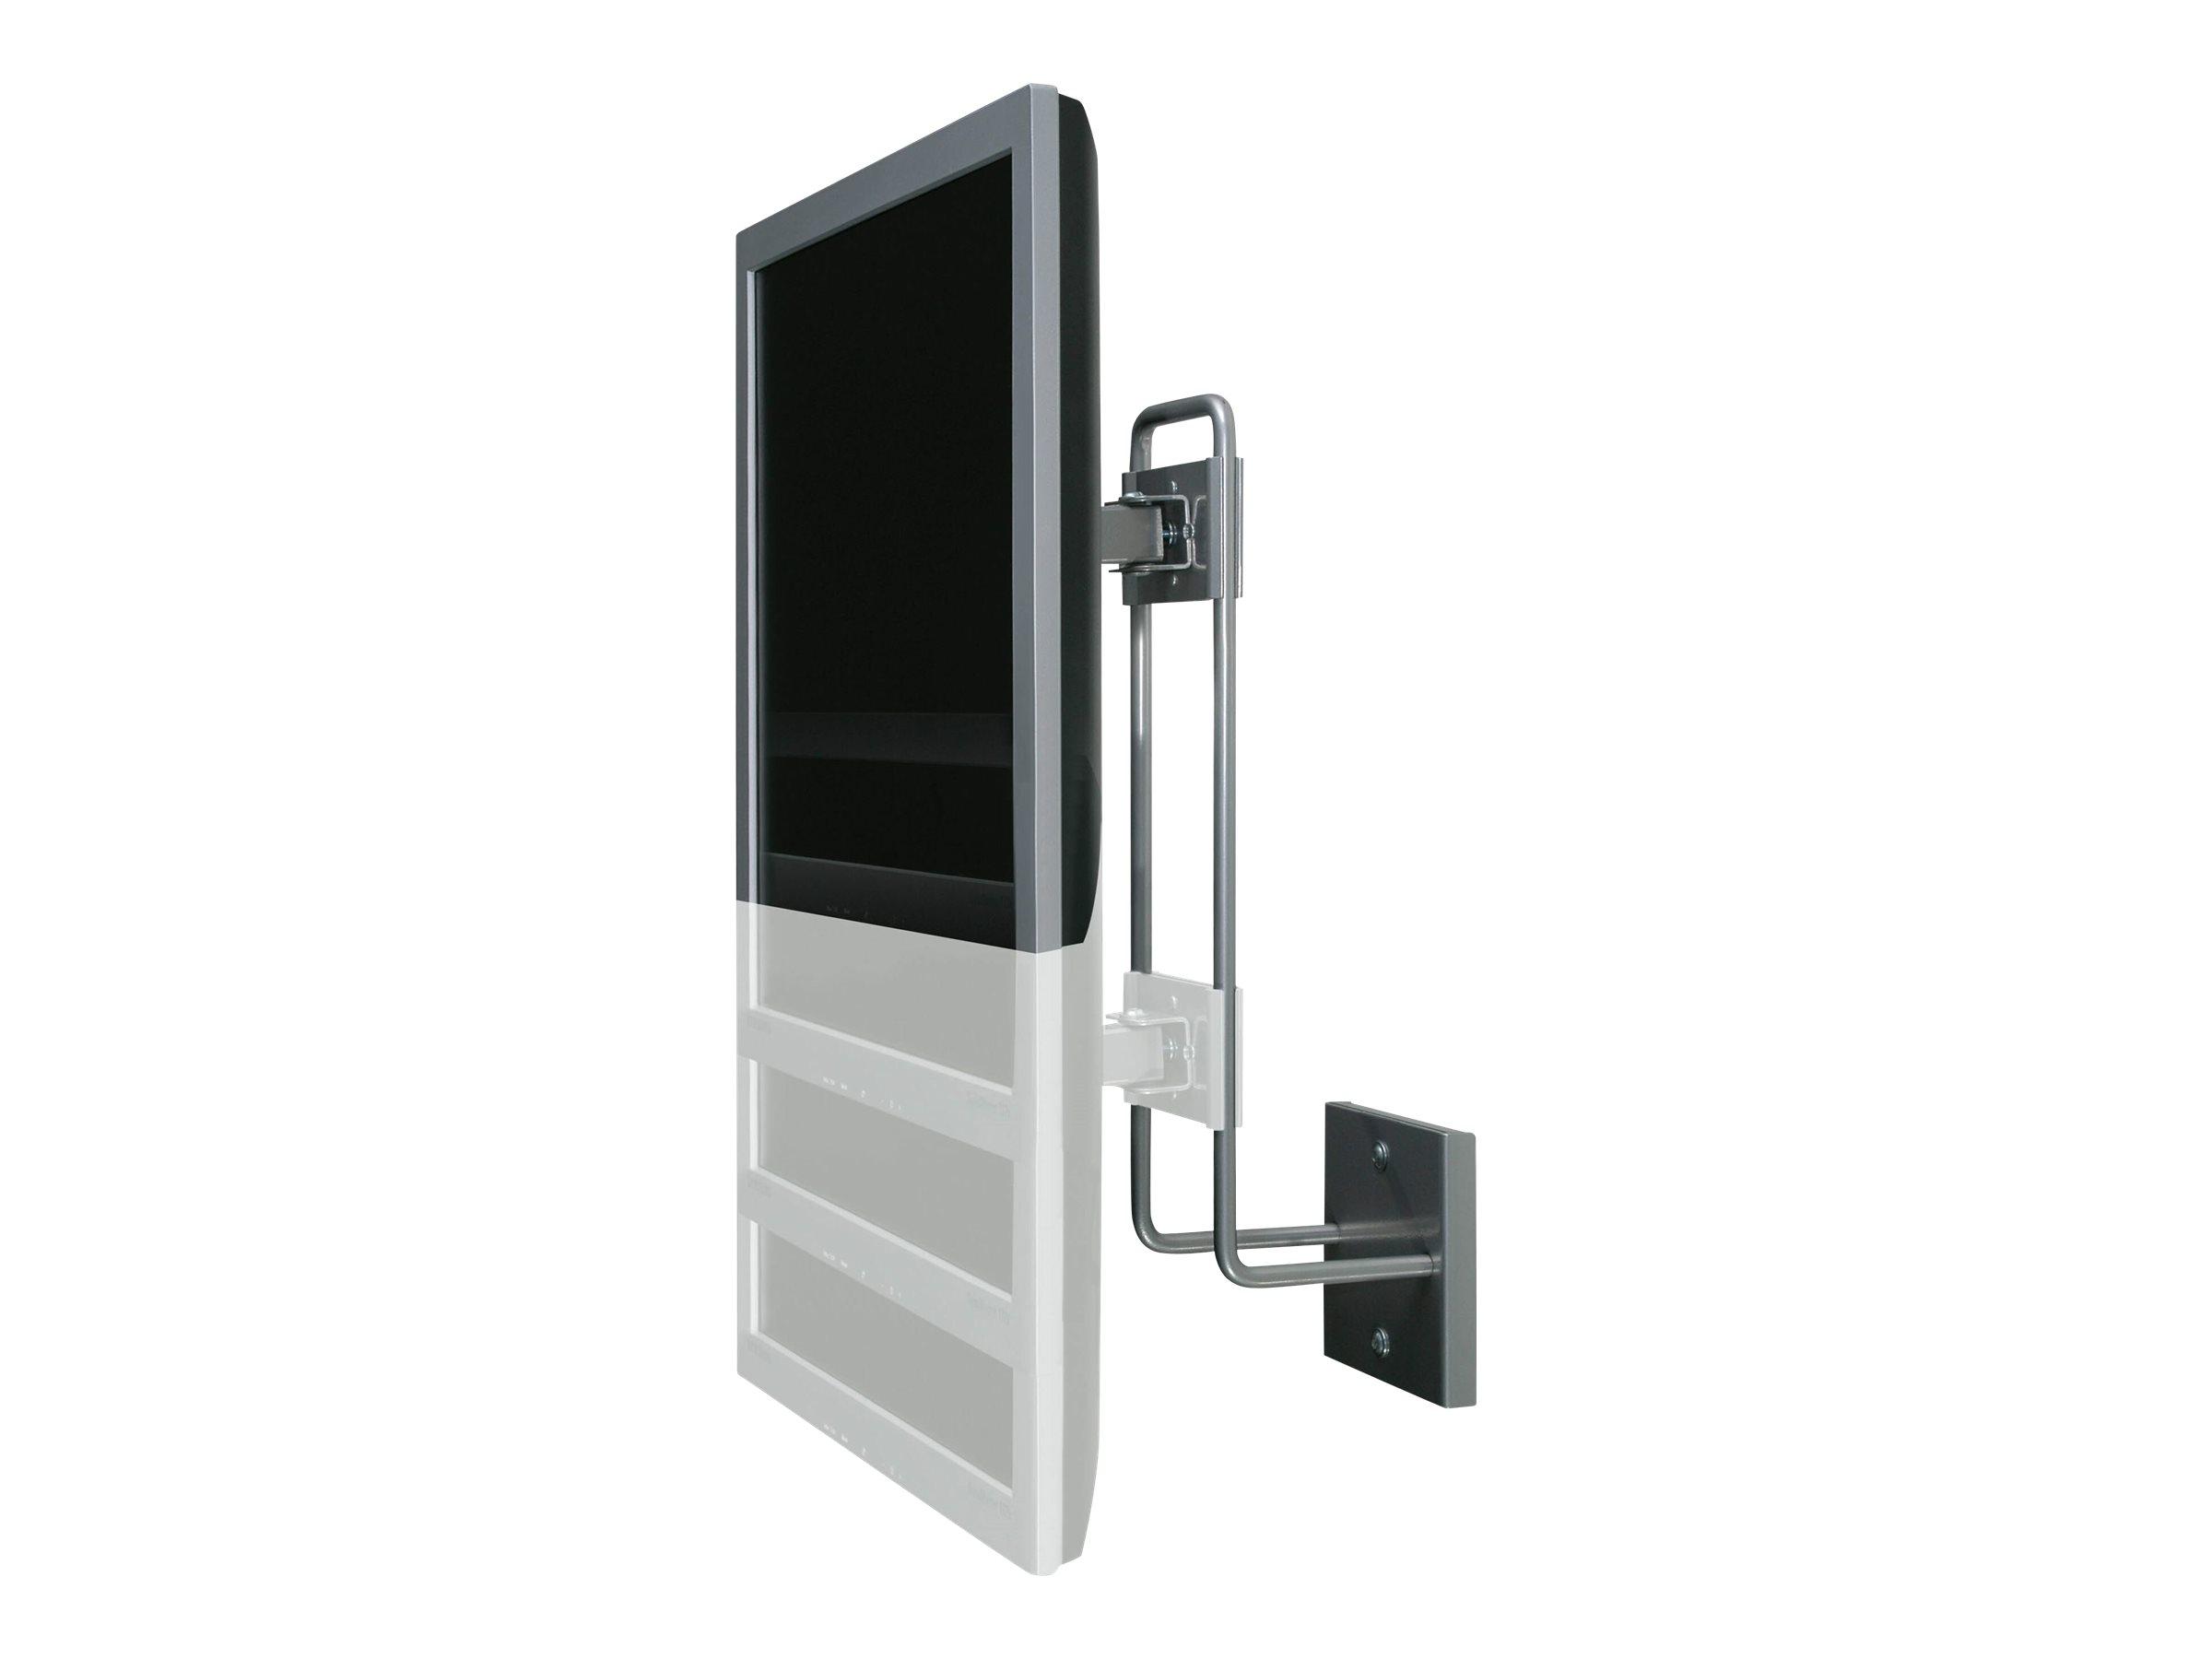 R-Go Steel Up & Down Wandhalterung, verstellbar, silber - Wandhalterung für LCD-Display - Stahl - Silber - Bildschirmgröße: bis zu 68,6 cm (bis zu 27 Zoll)